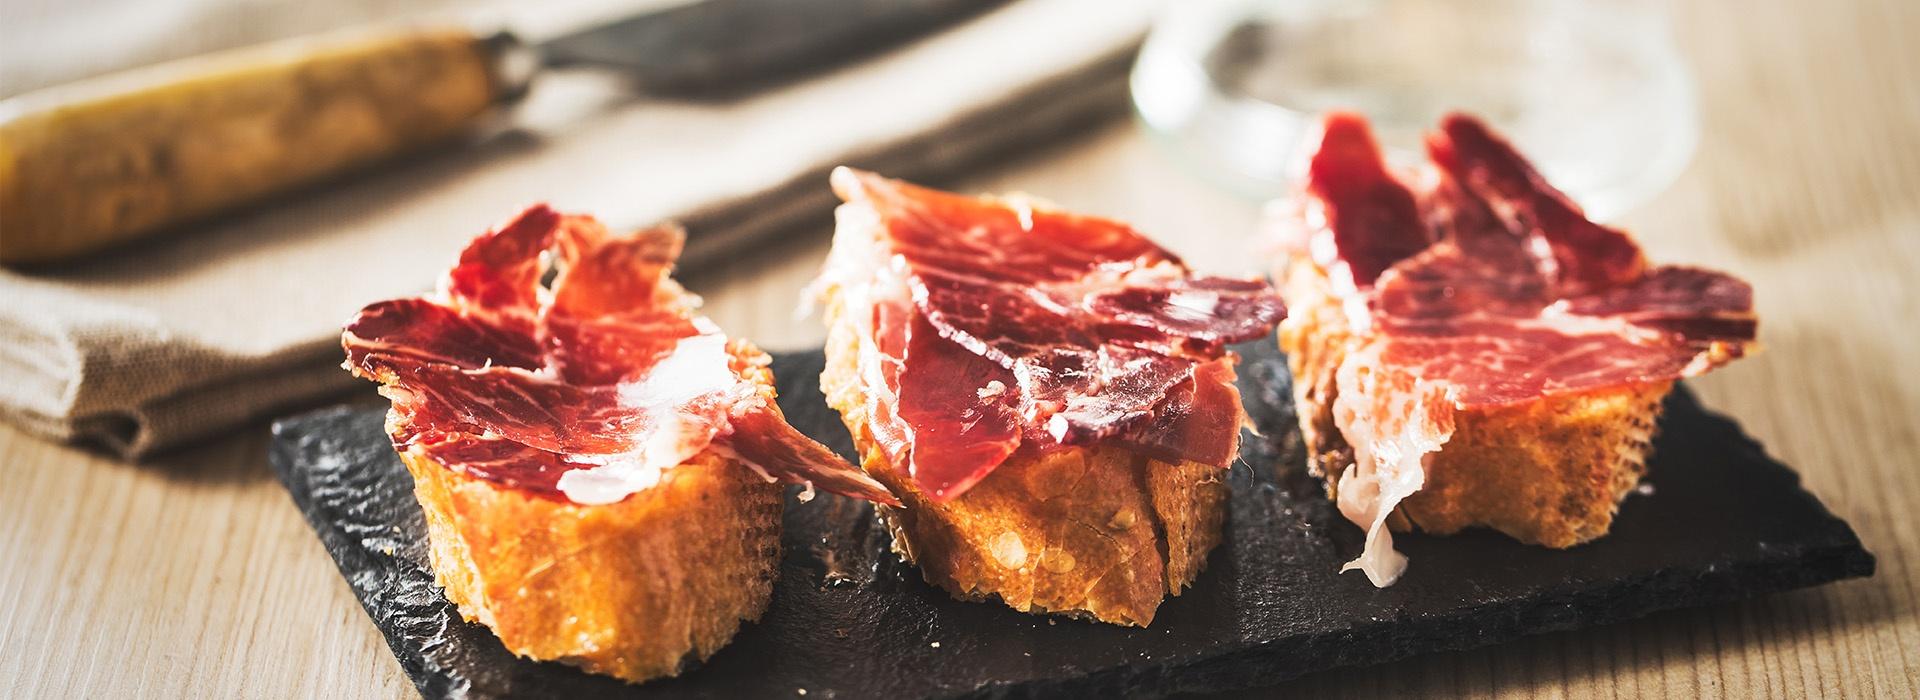 Iberian Cured meats